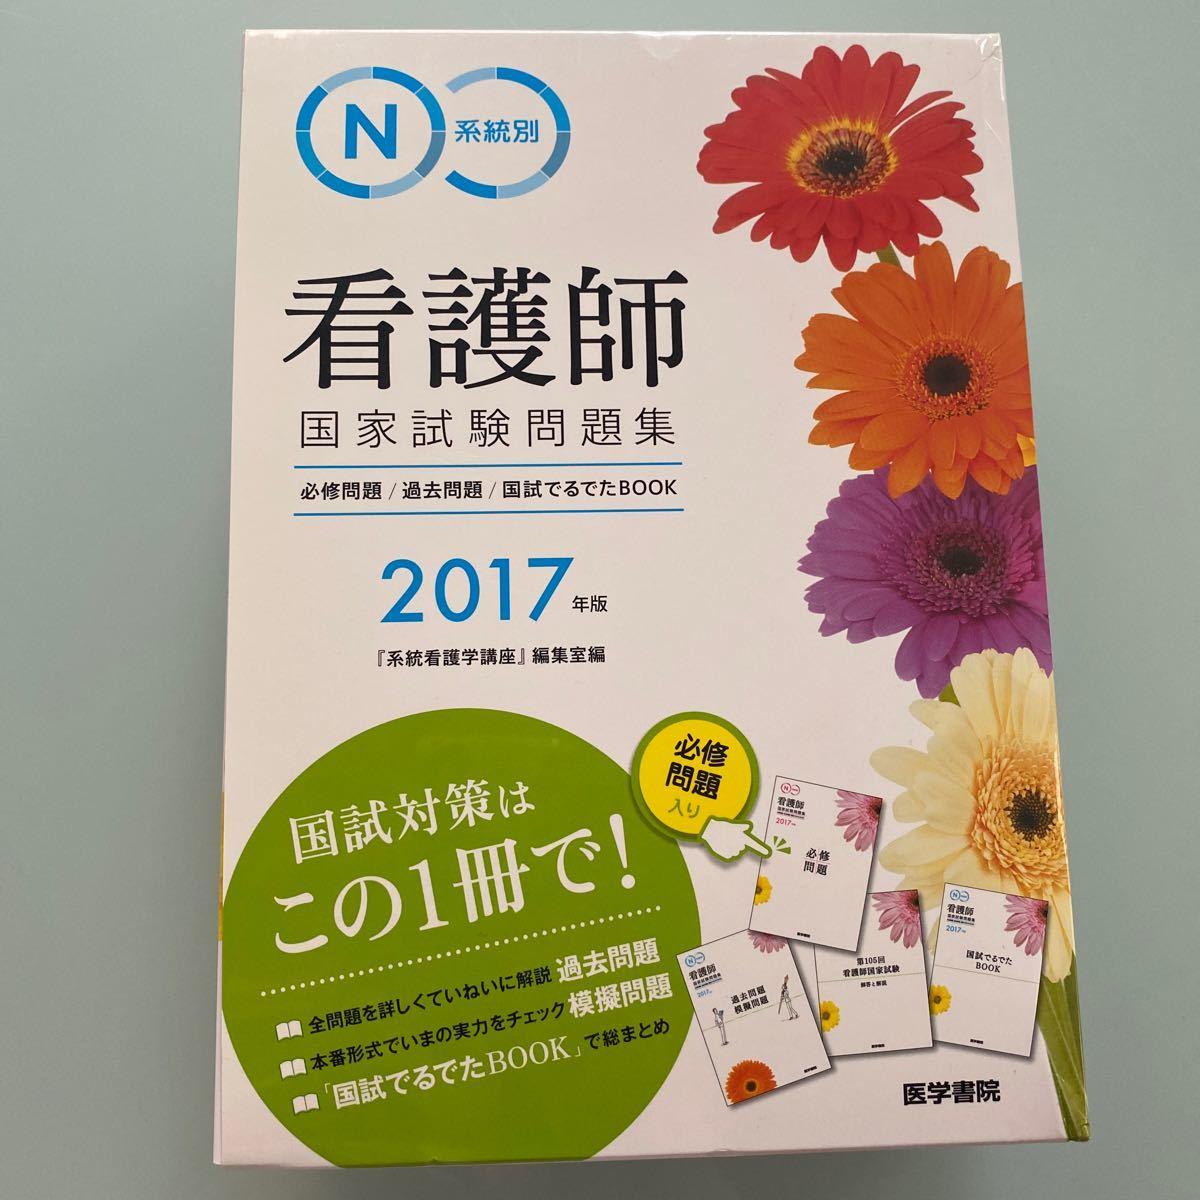 看護師 国家試験問題集 2017年版 定価5400(税抜)